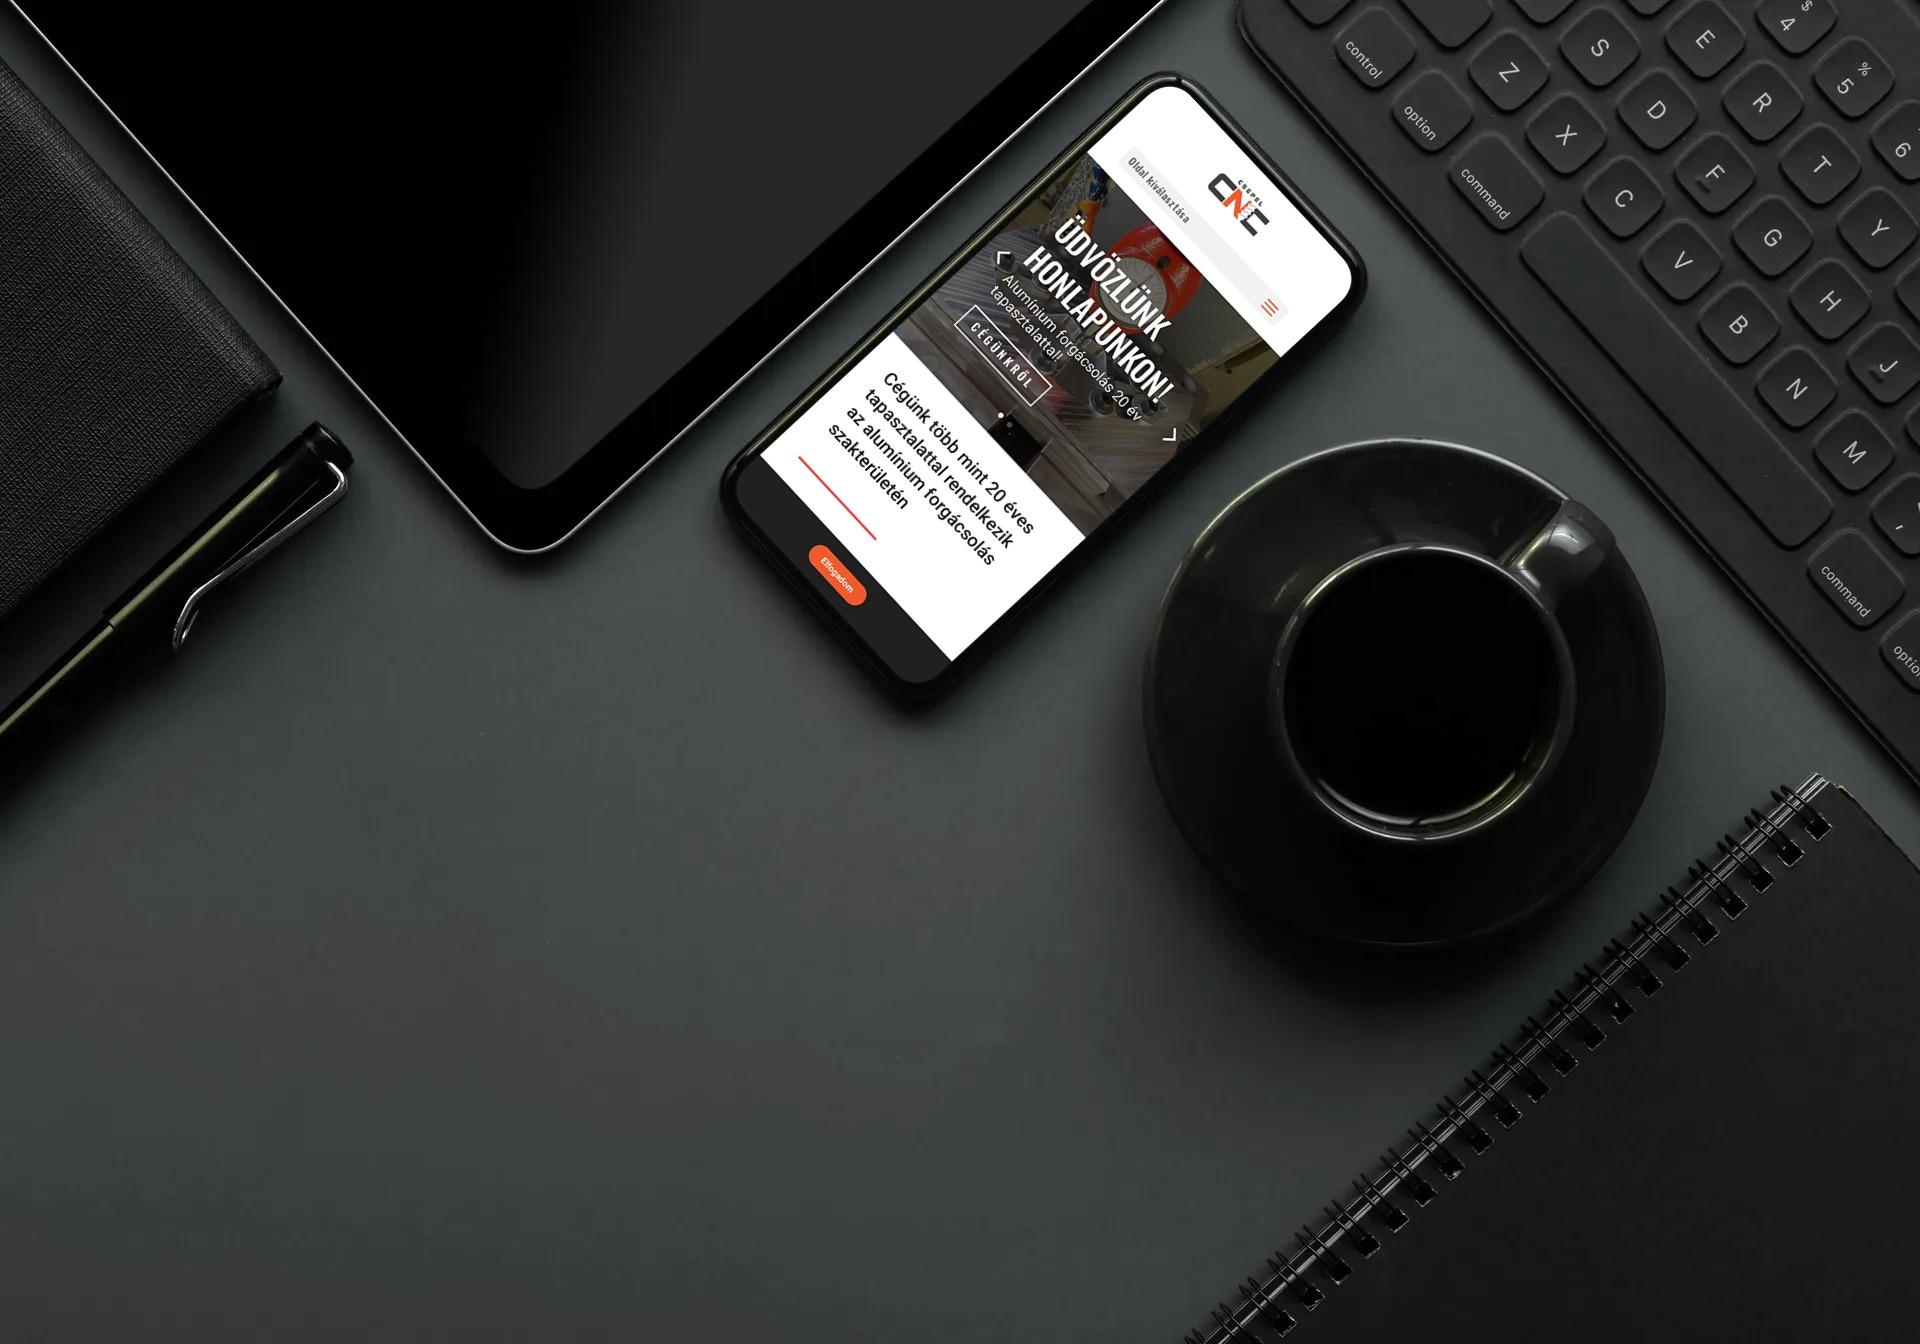 csepelcnc.hu weboldal megjelenése iPhone-on